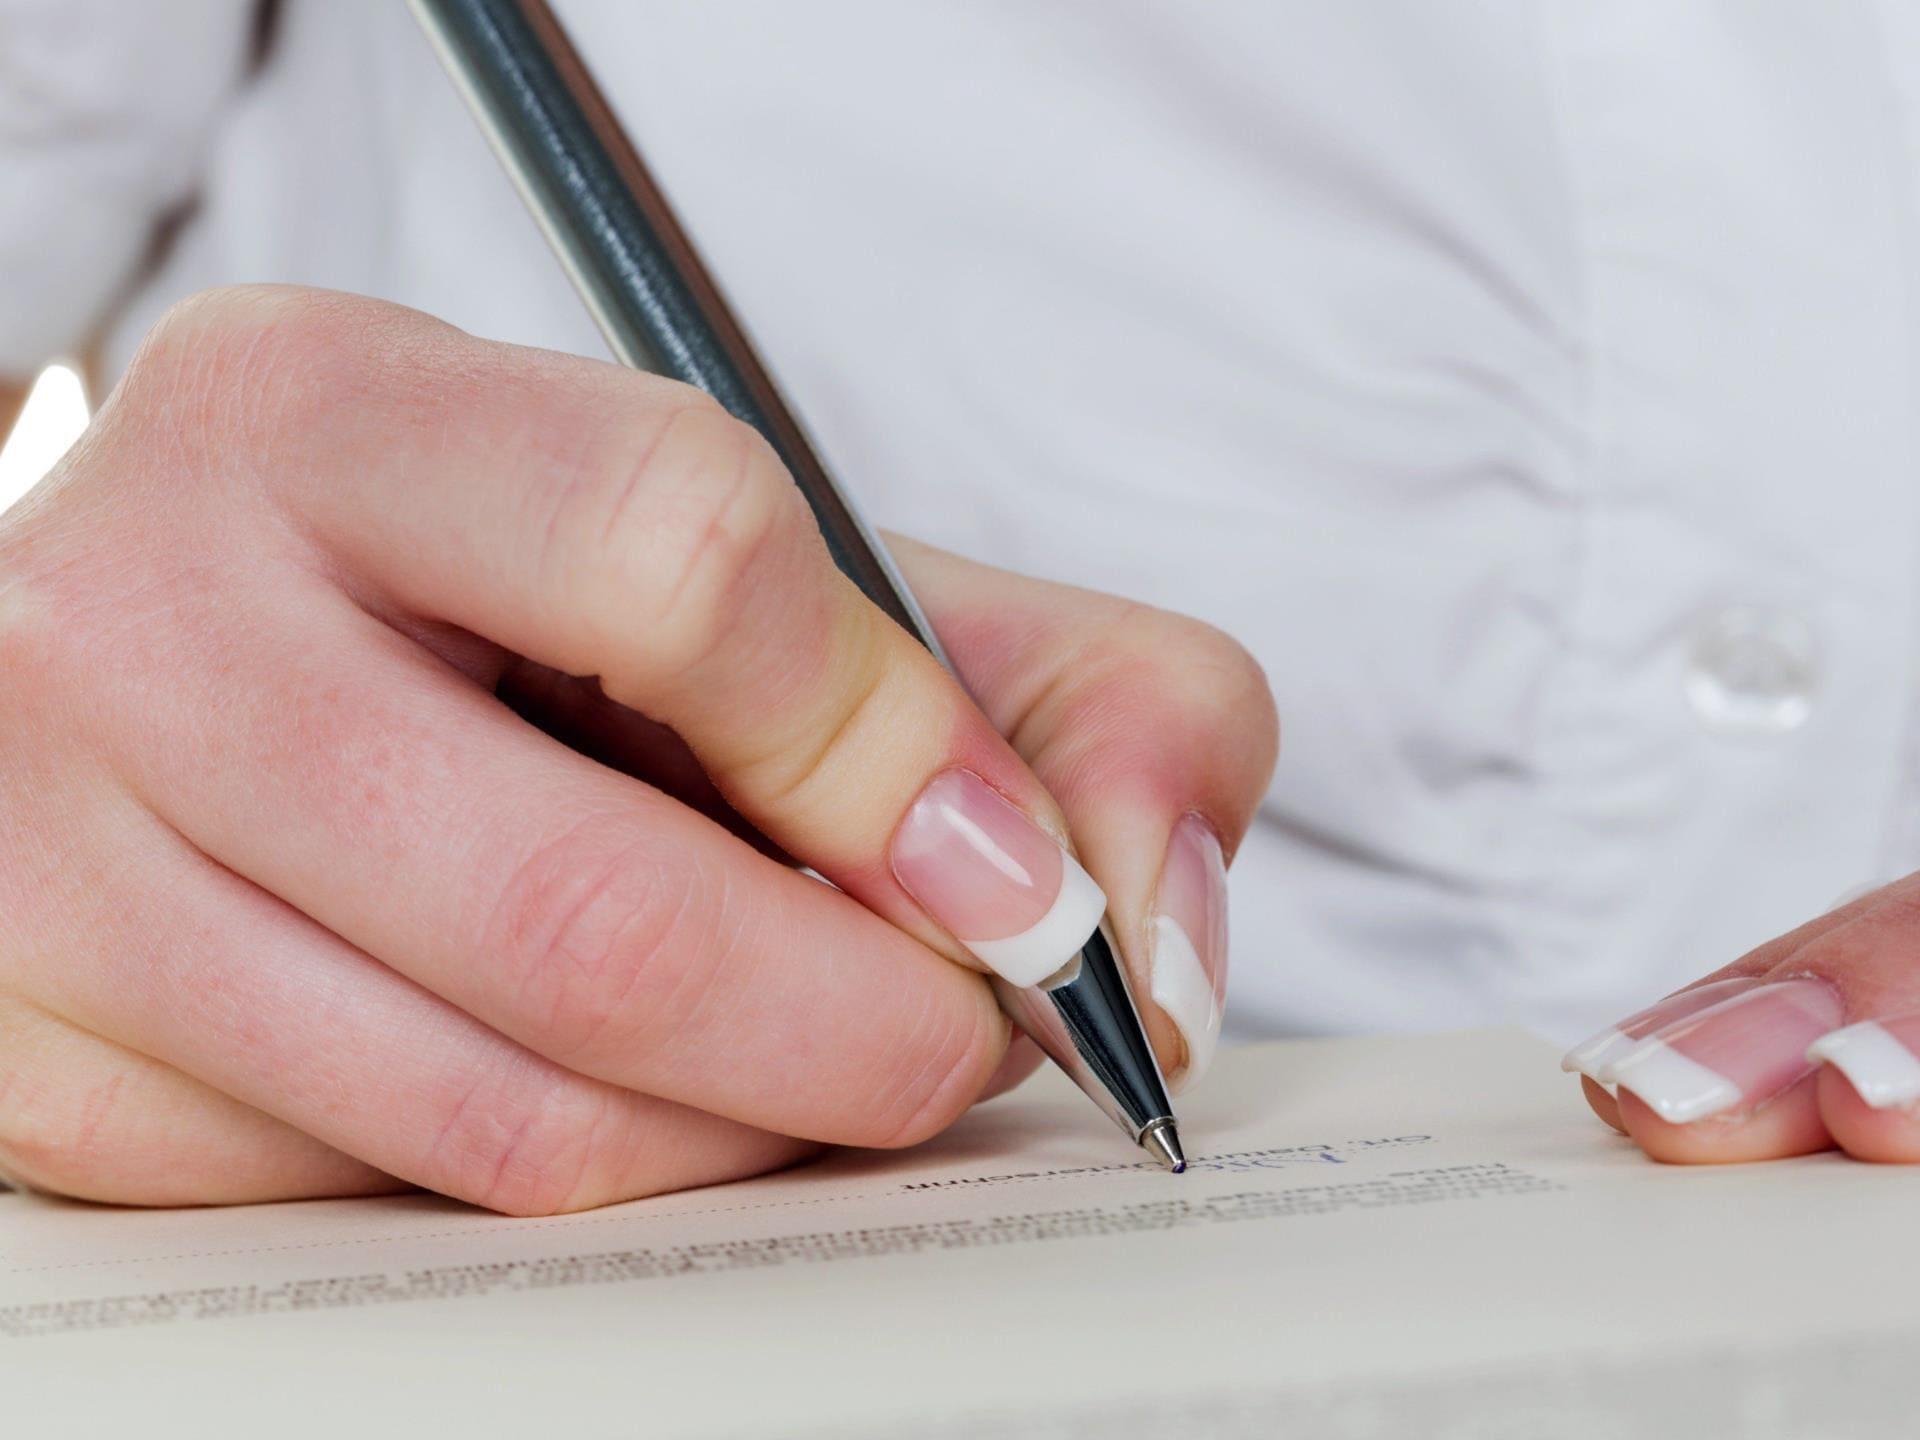 Расписка о передаче денег за дом: правила и особенности составления